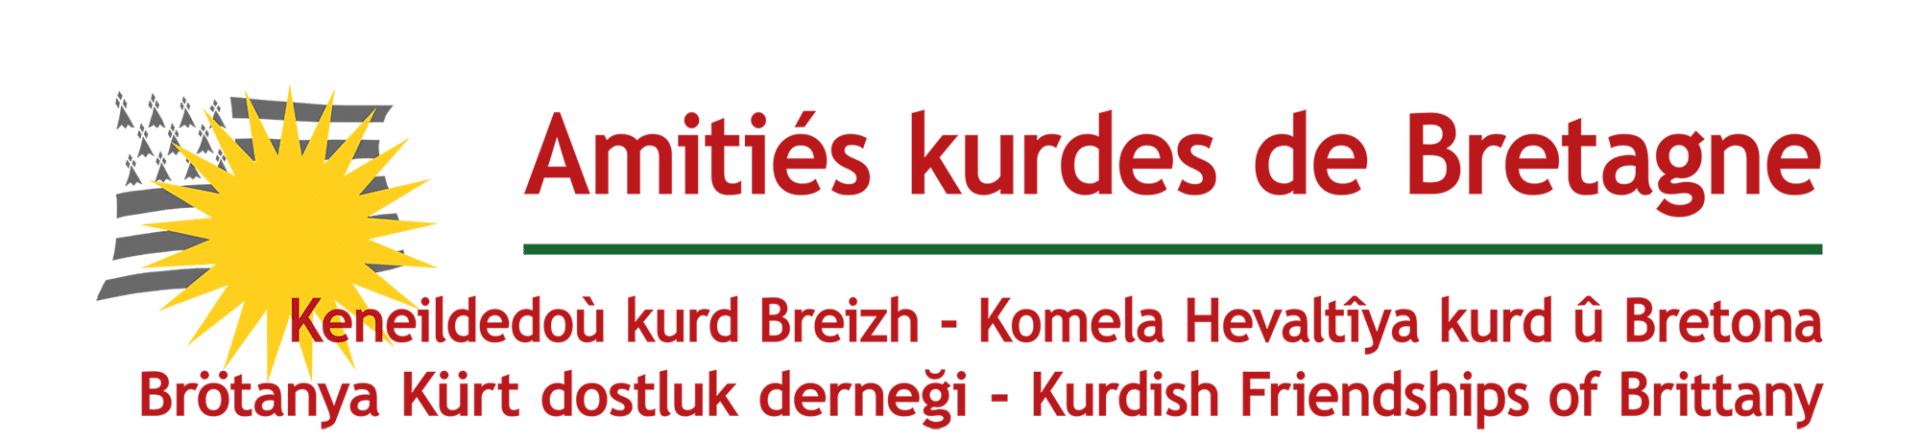 Kurdish friendships of Brittany